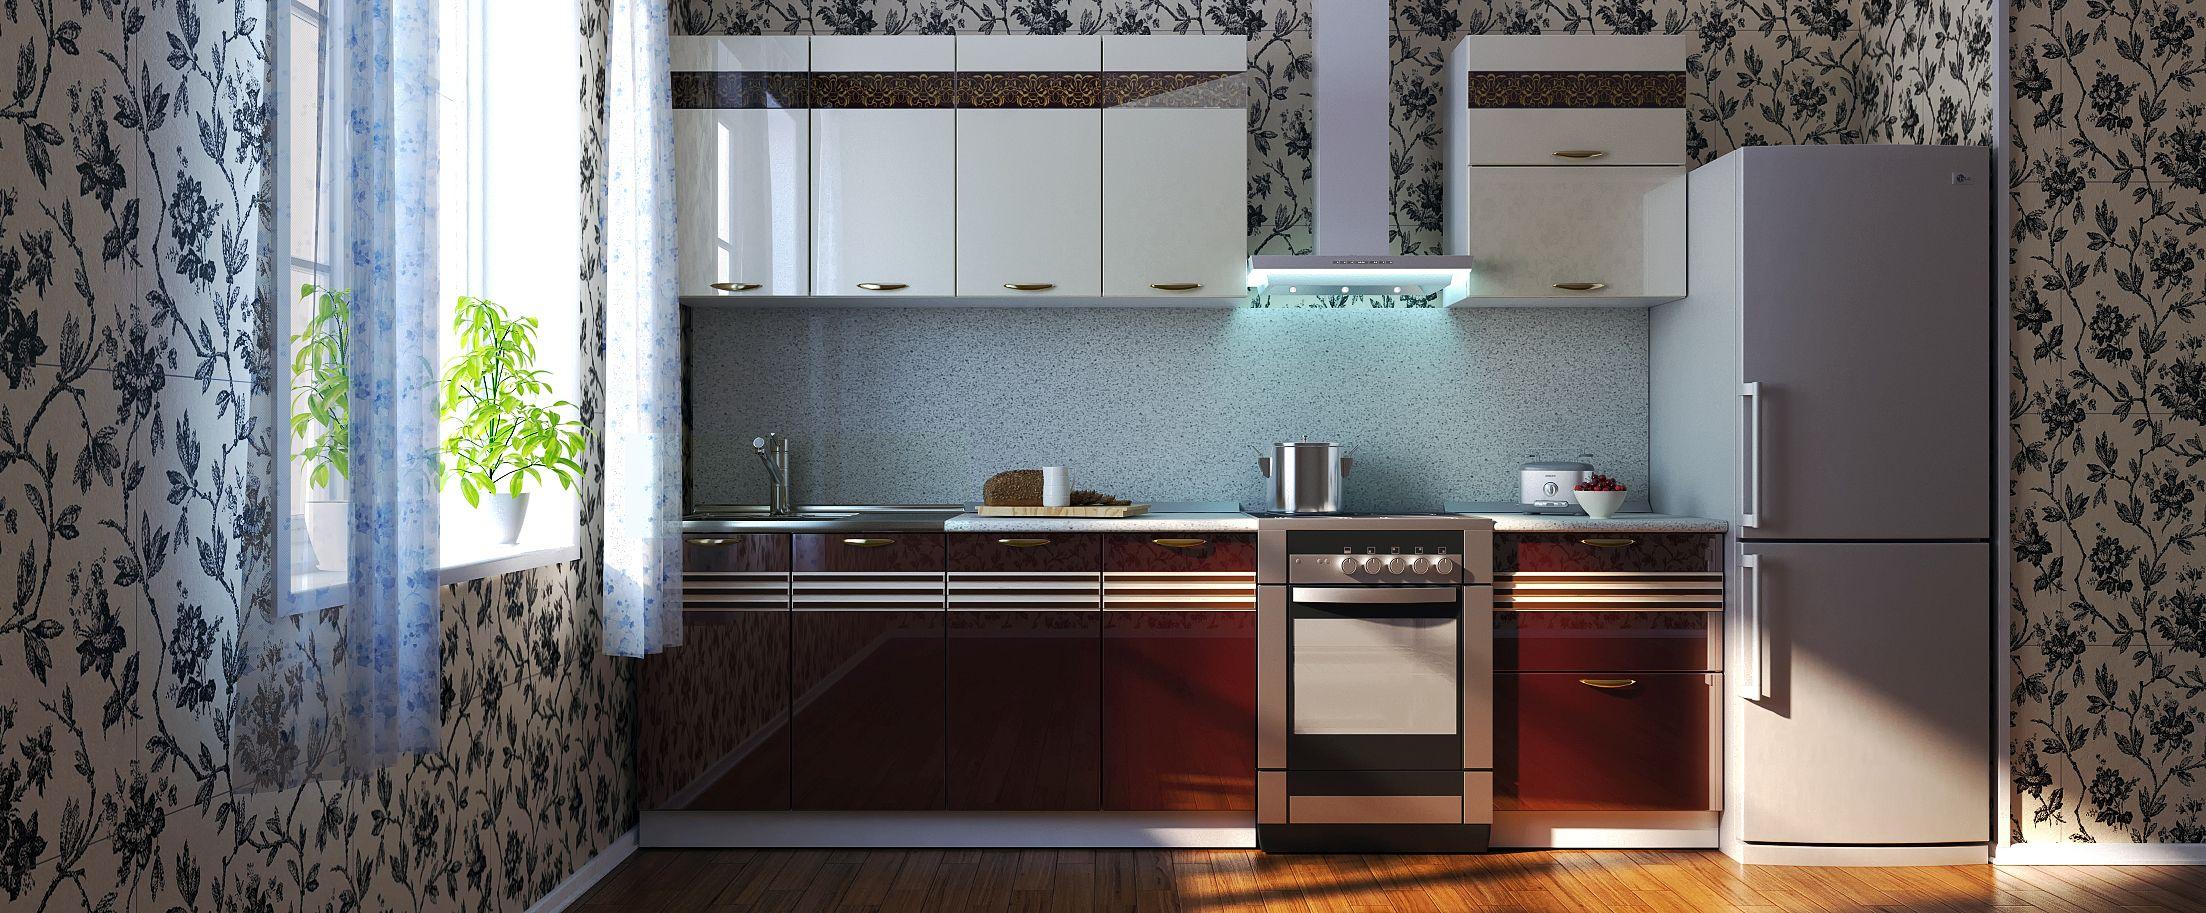 Кухня Корица 2,2 мКупить удобный и практичный набор кухонного гарнитура в интернет магазине MOON TRADE. Быстрая доставка, вынос упаковки, гарантия! Выгодная покупка!<br>